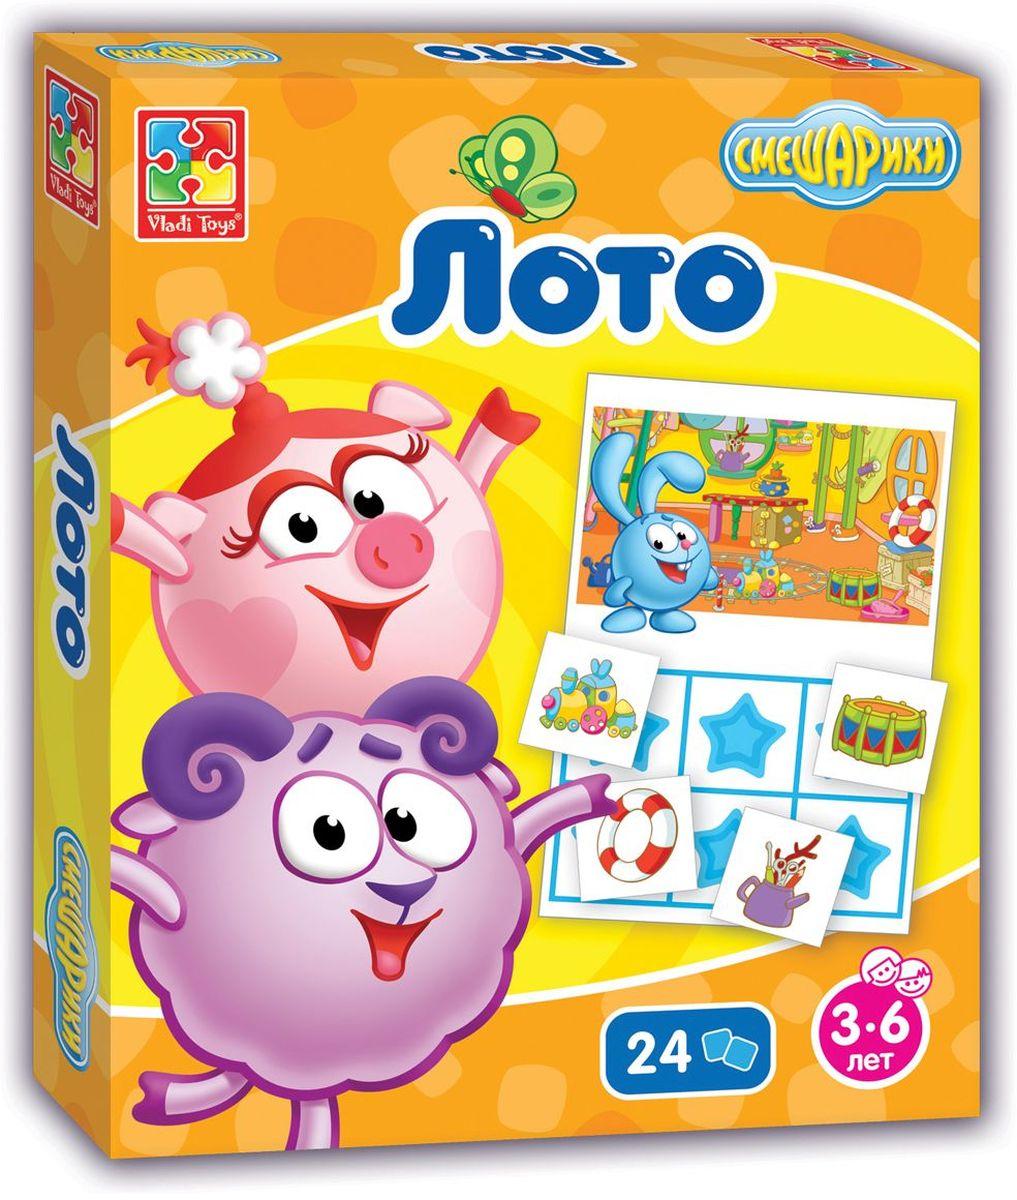 Vladi Toys Игра настольная Смешарики Лото